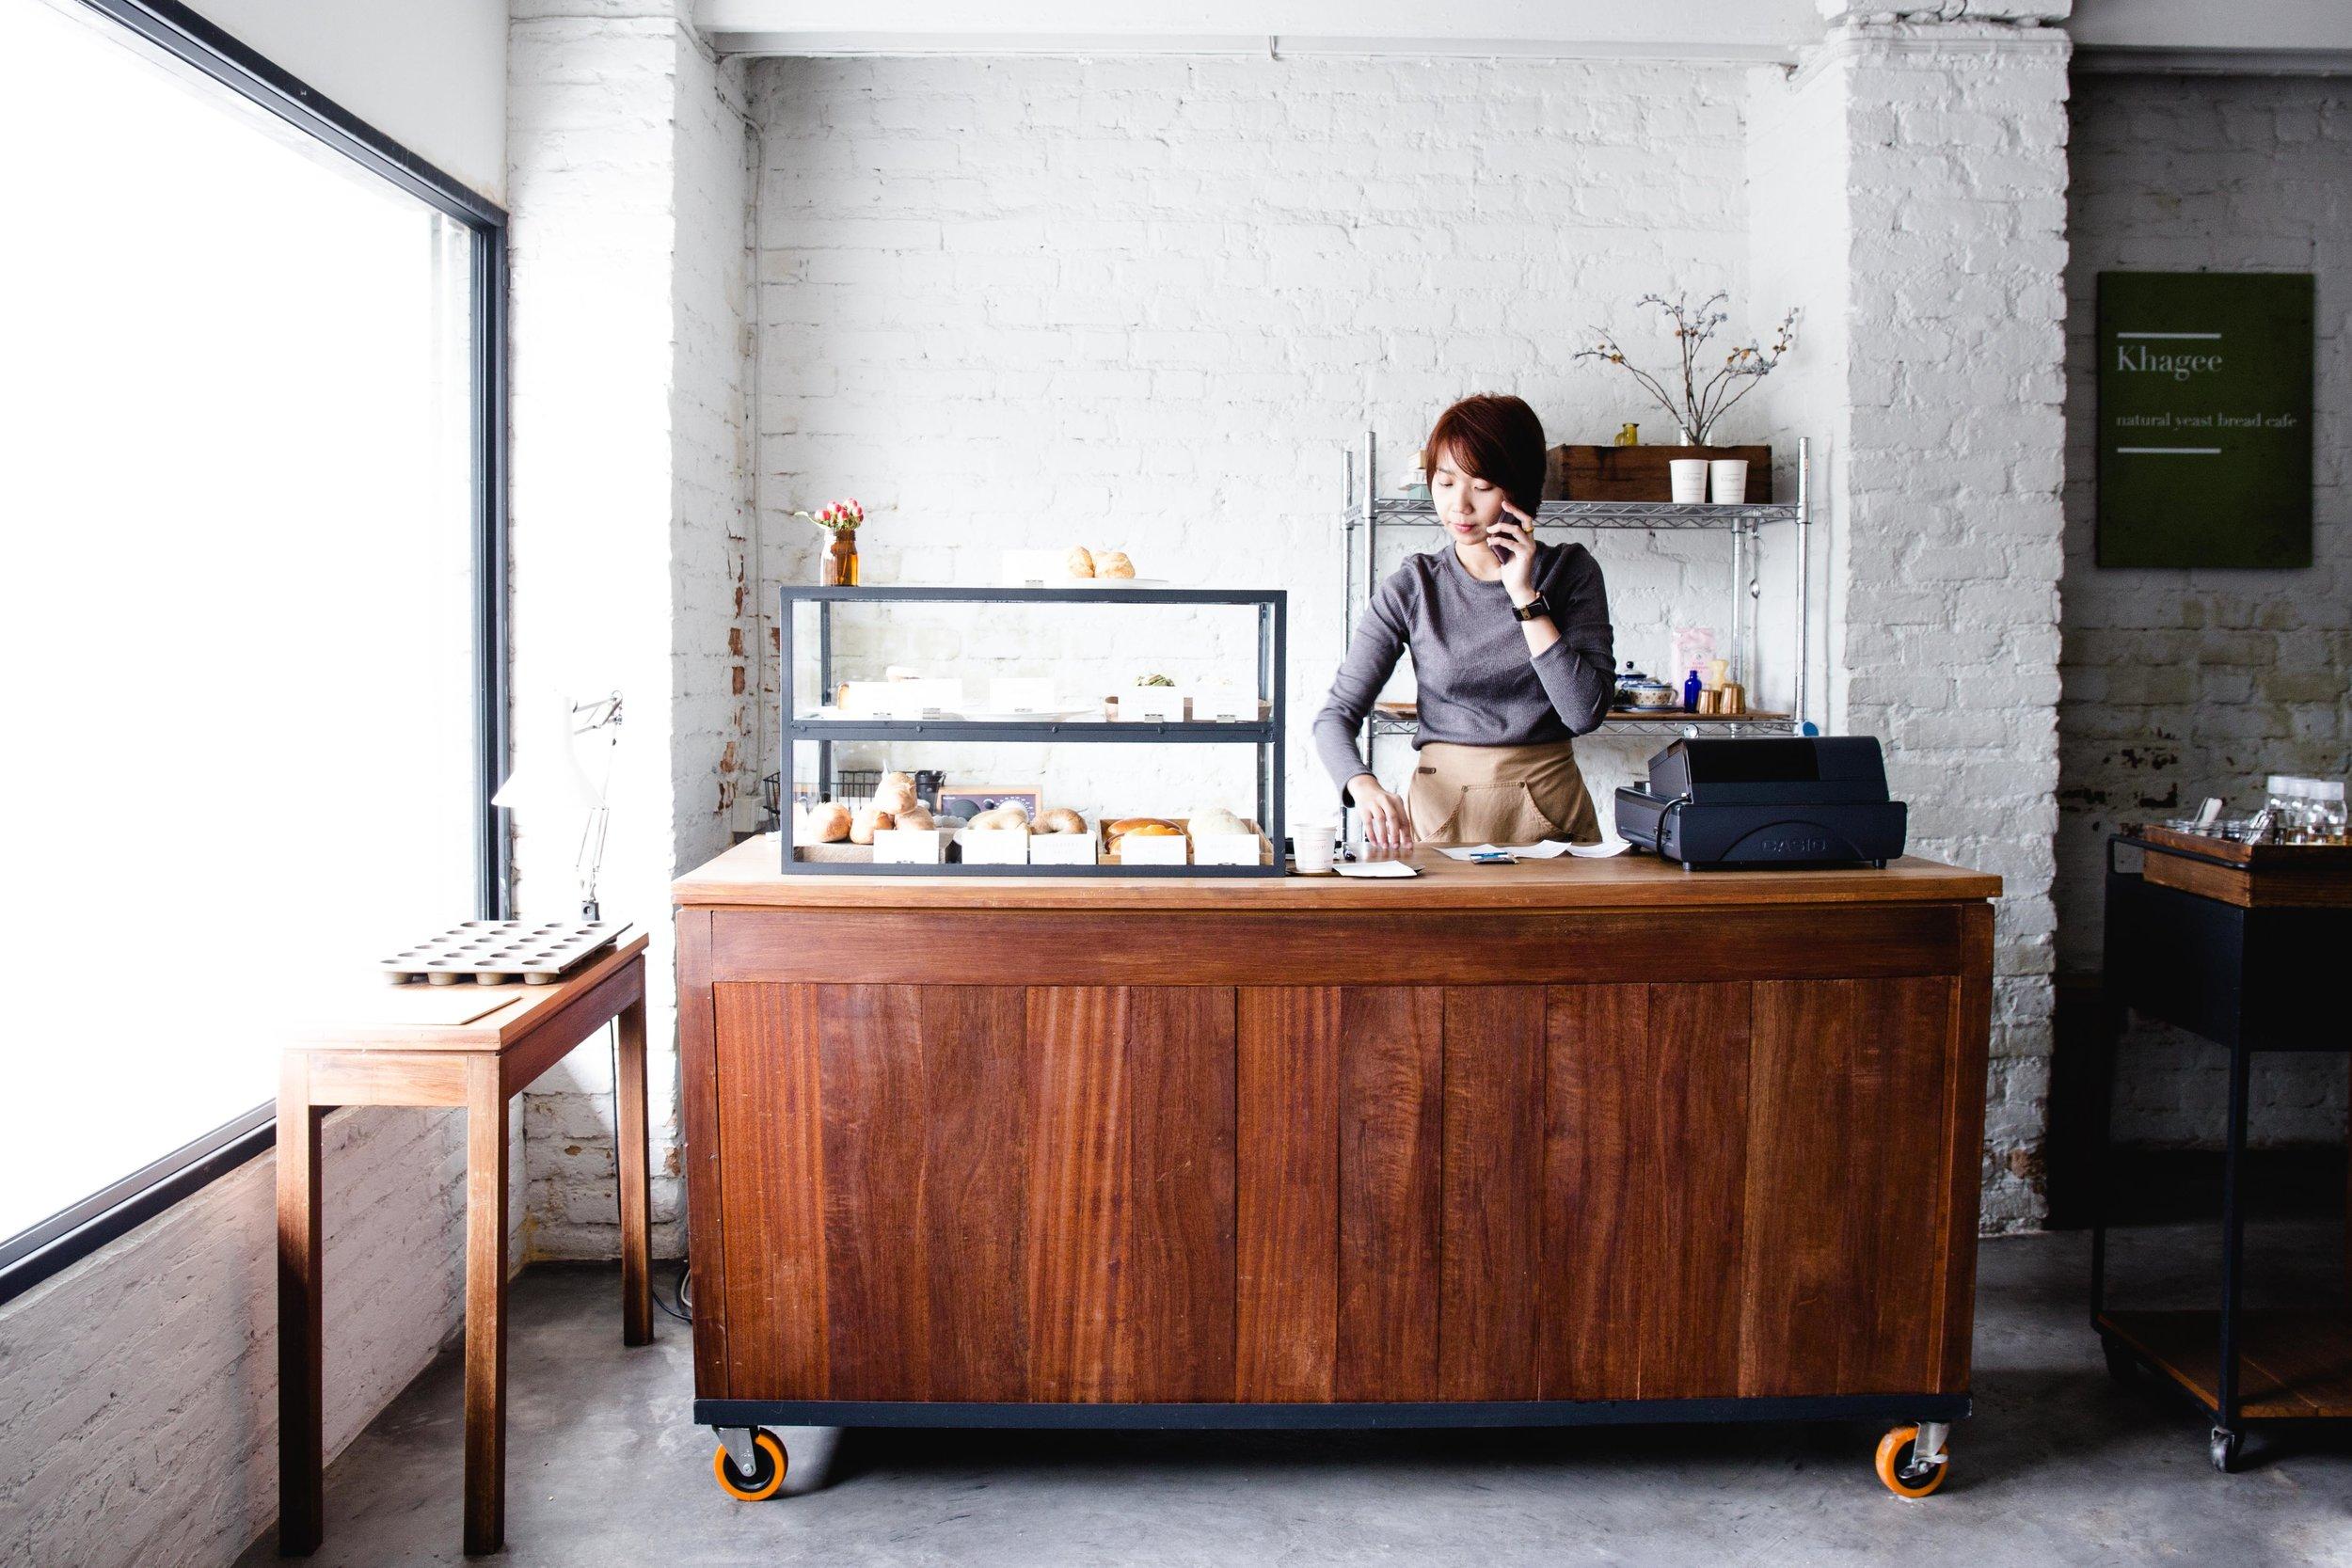 khagee coffee shop chiang mai